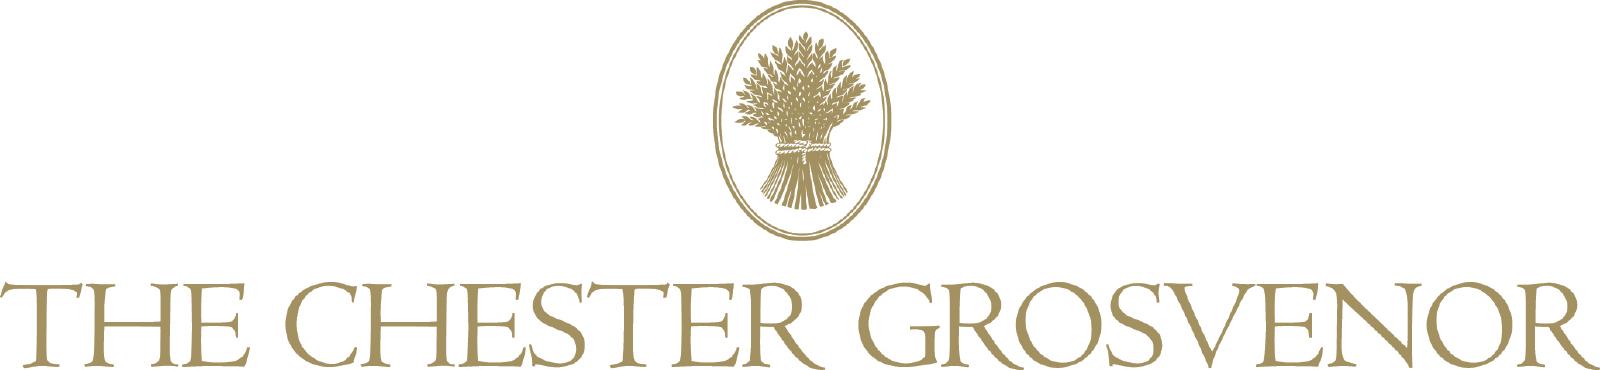 Grosvenor-Logo.jpg